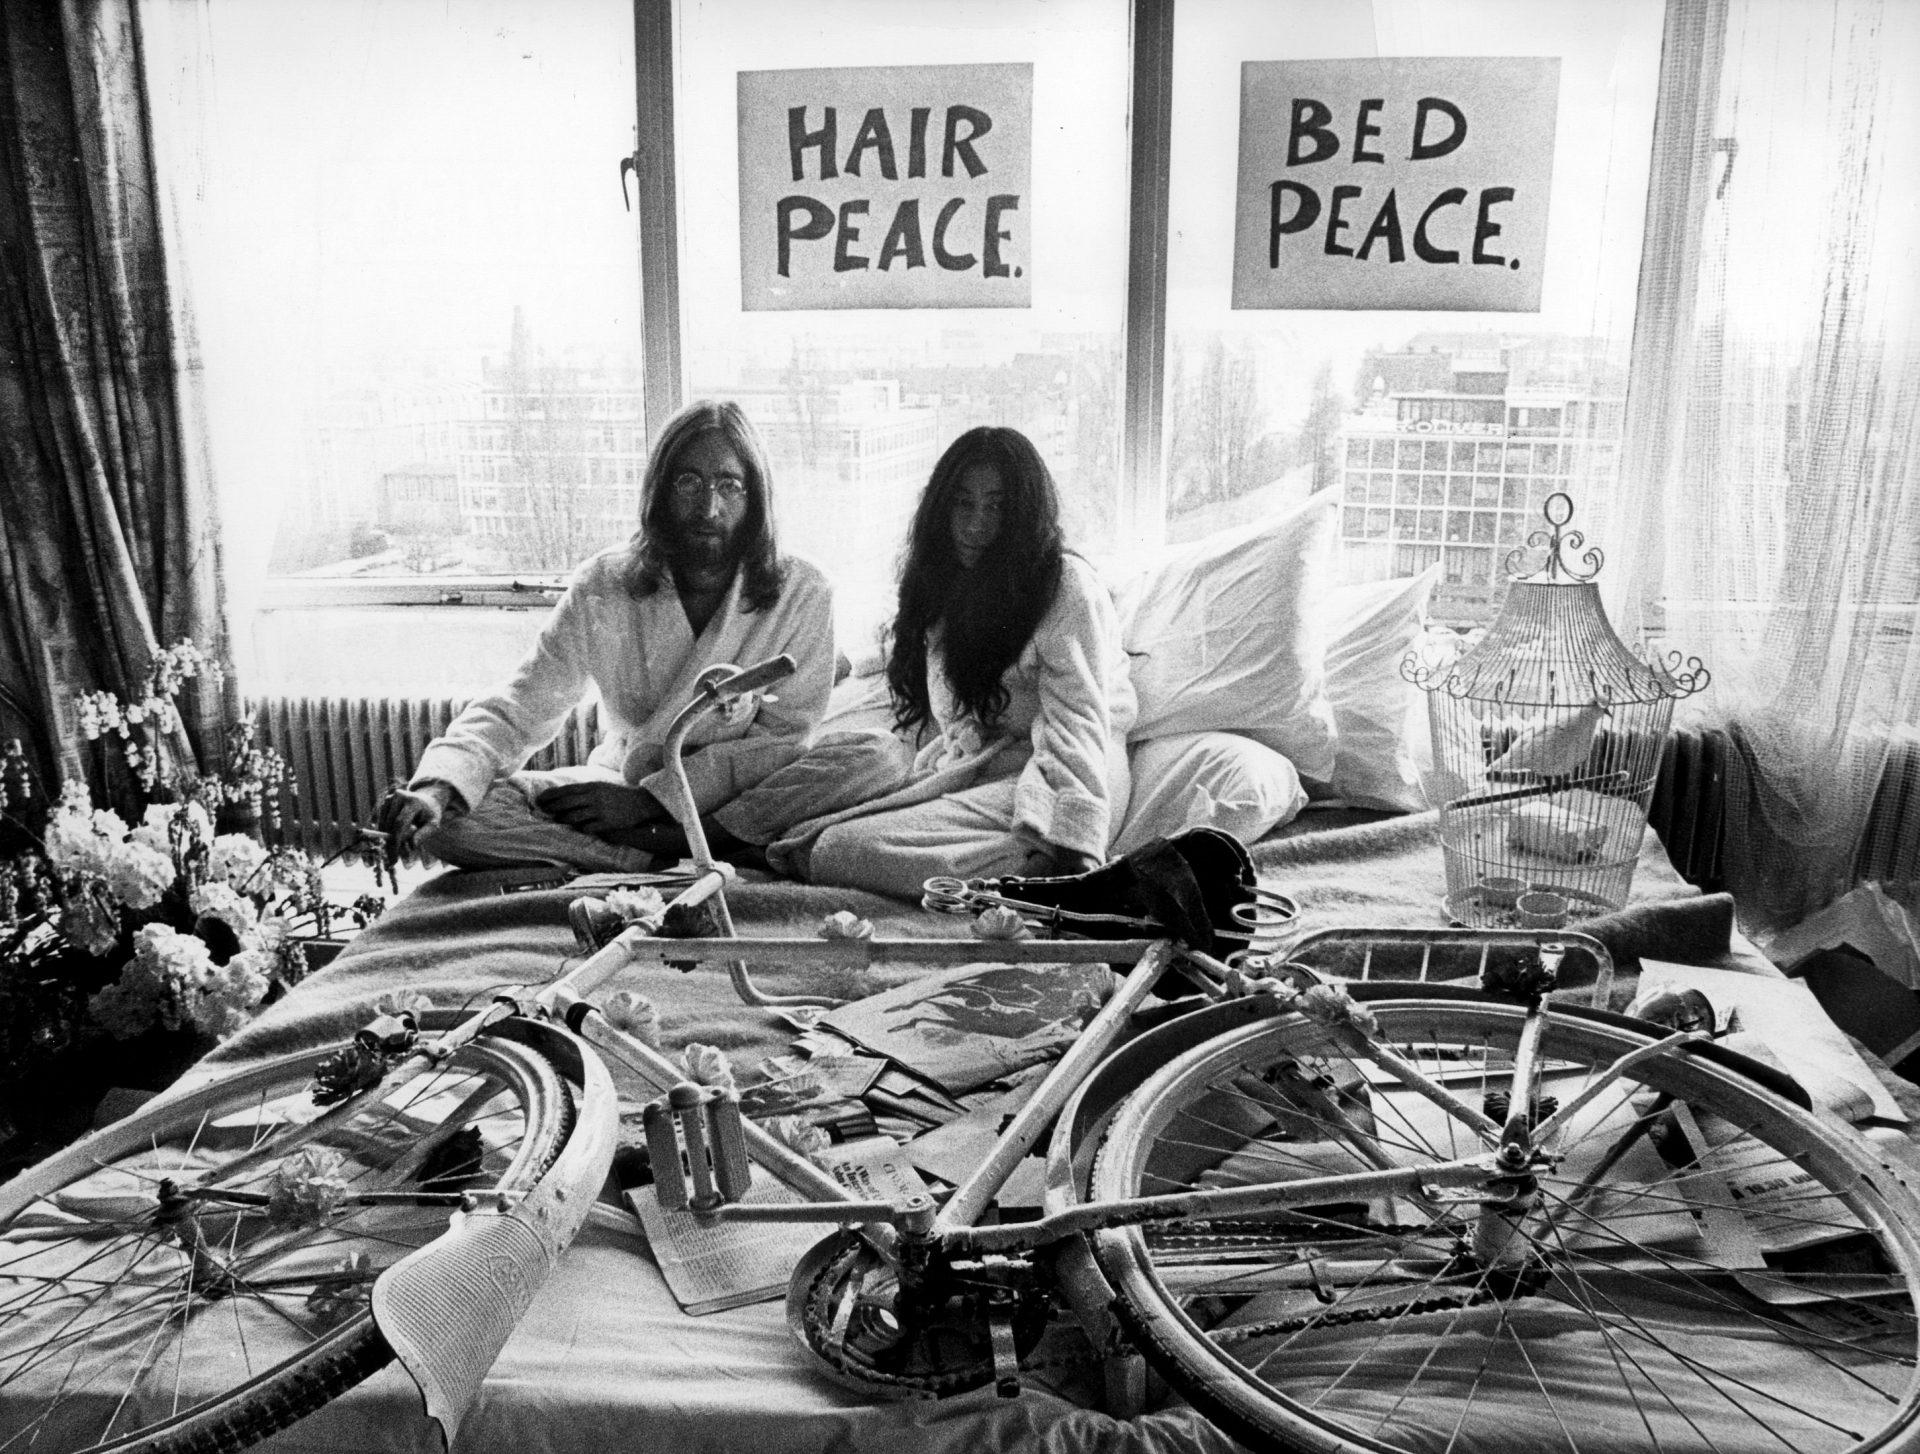 Provos Amsterdam - John Lennon Yoko Ono com bicicleta branca no Bed In 1969